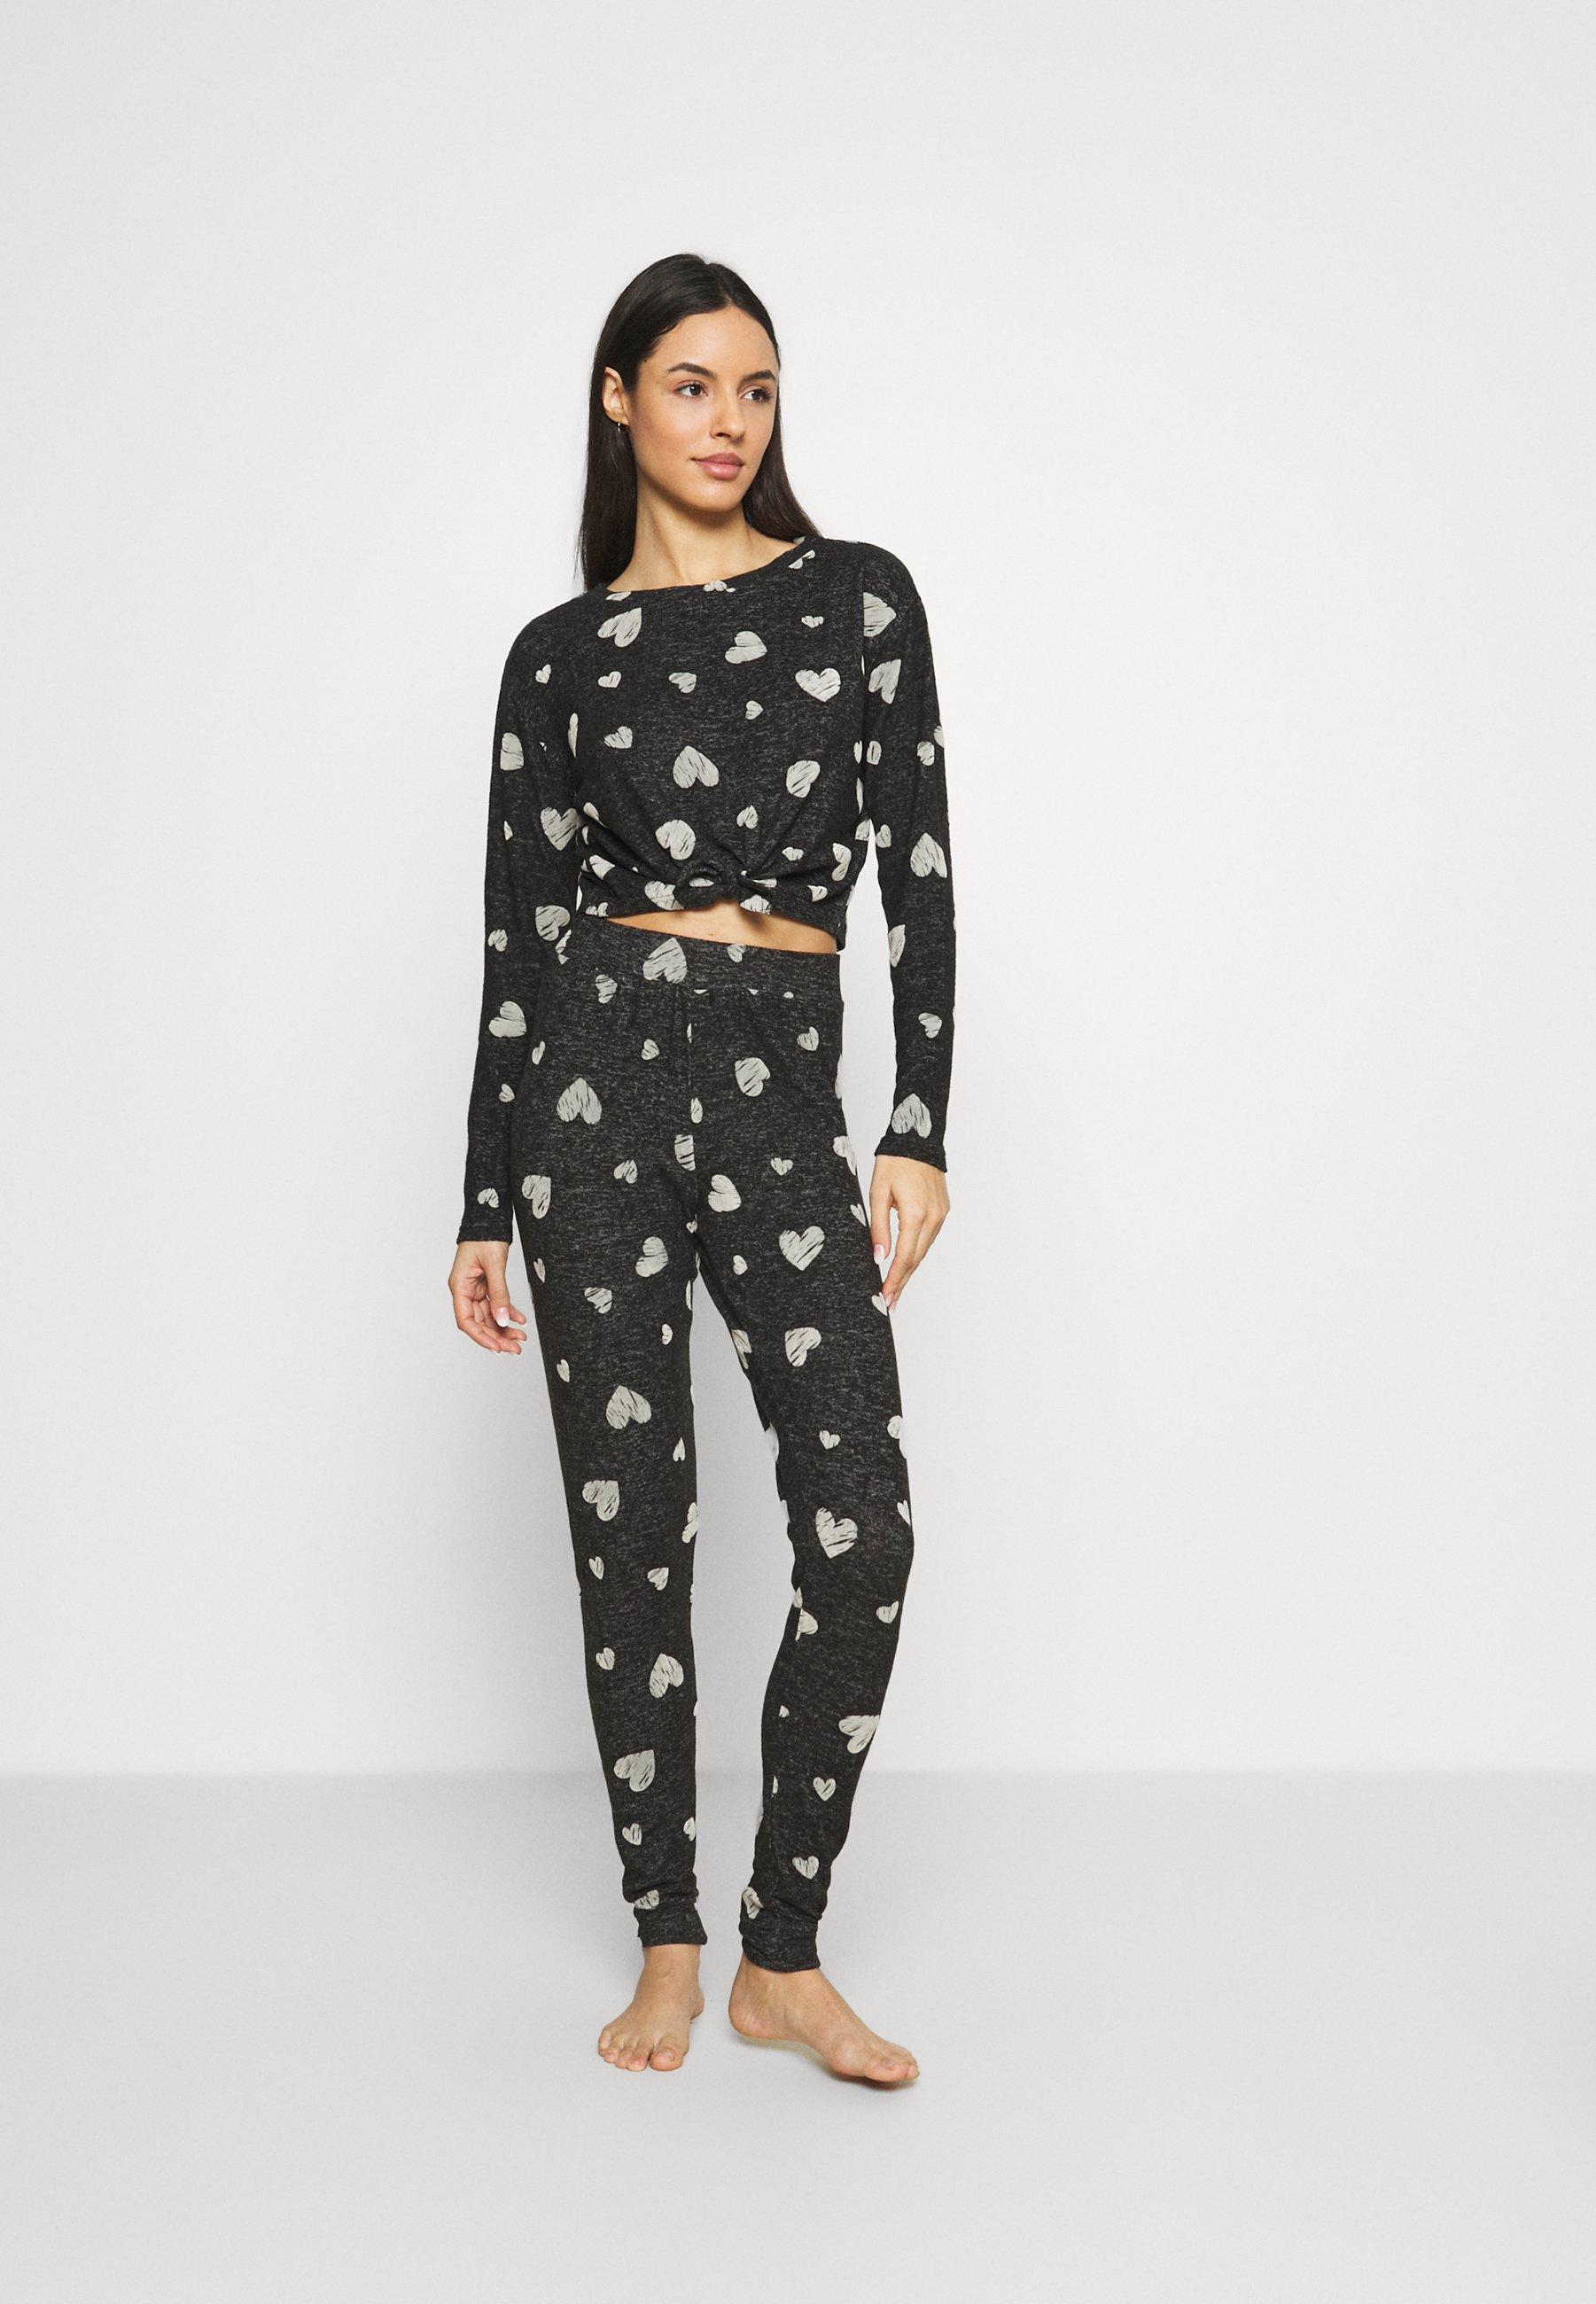 Women FLOCK HEART TIE TOP PANT SET - Pyjamas